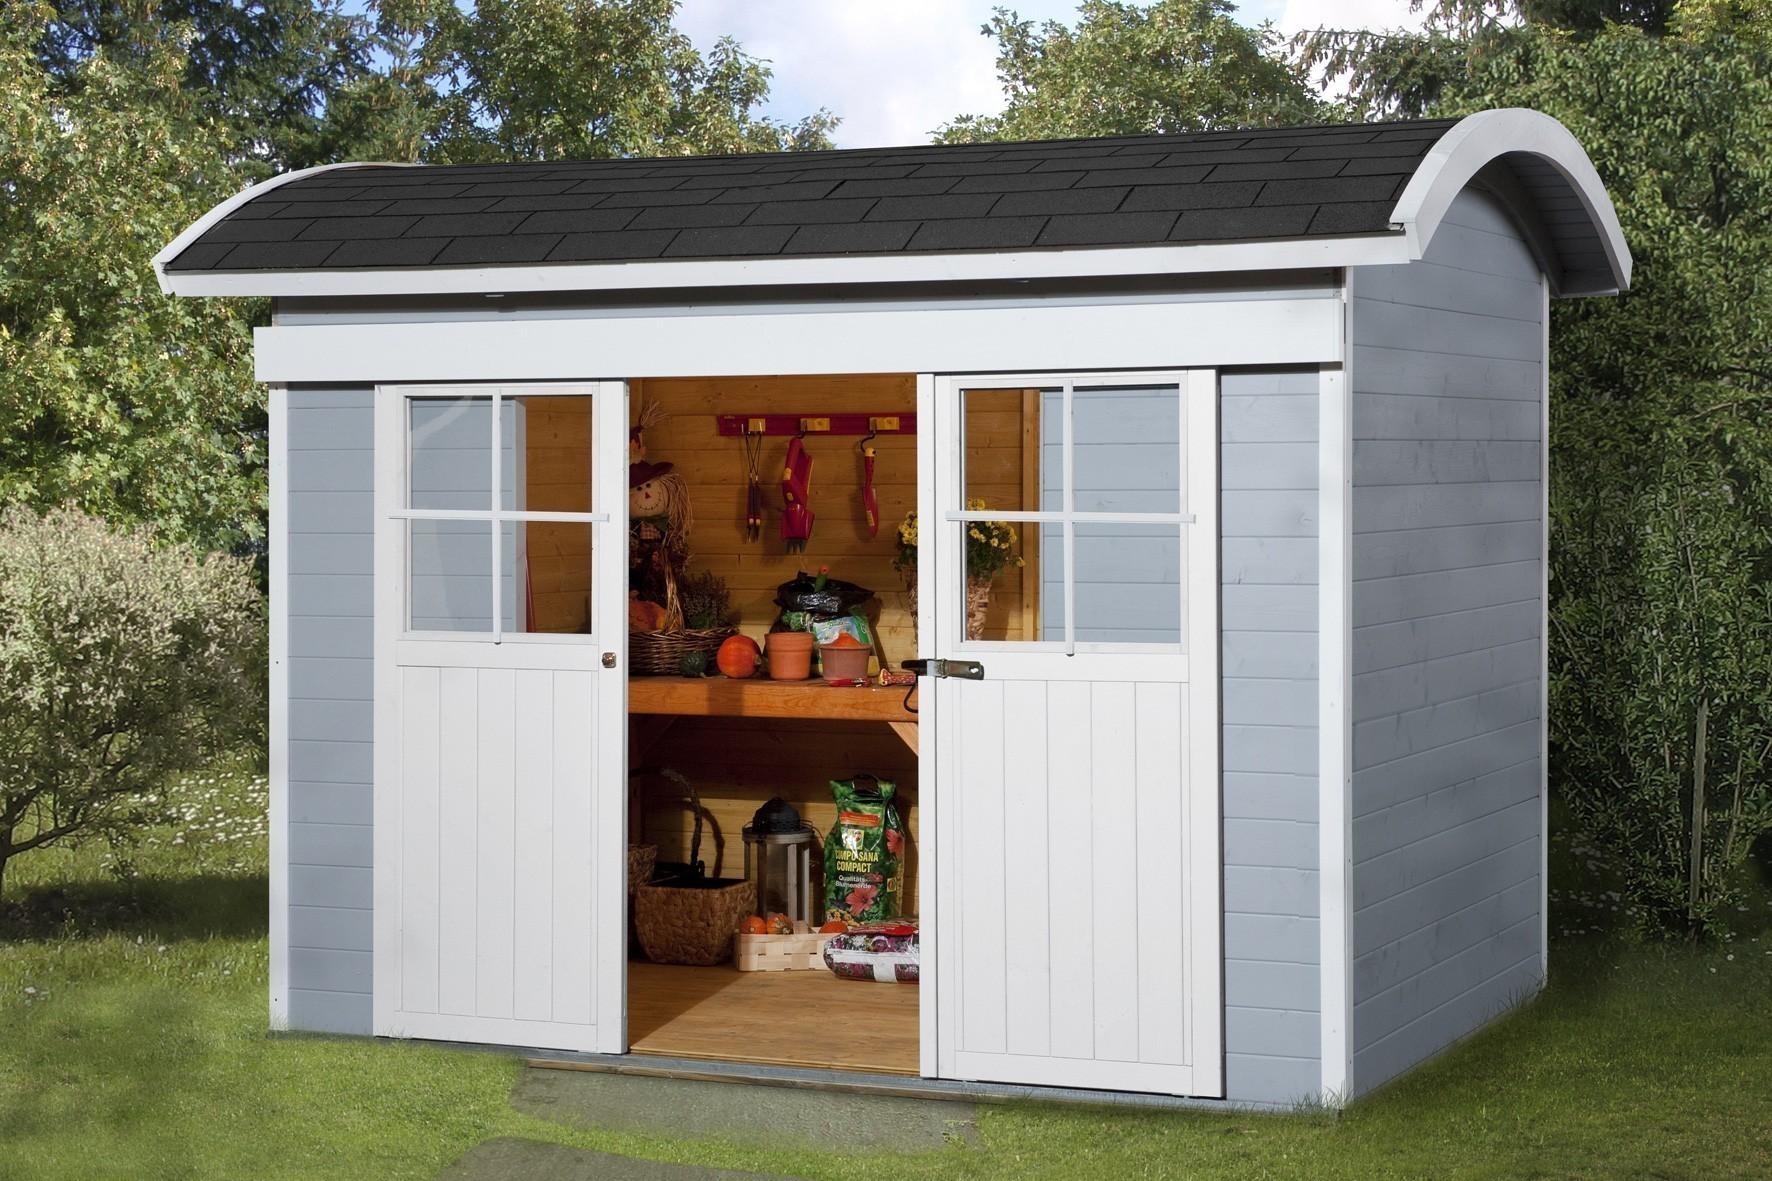 Weka Gerätehaus 21 mm Schiebetürhaus 228 grau 344x241cm Bogendach Bild 1